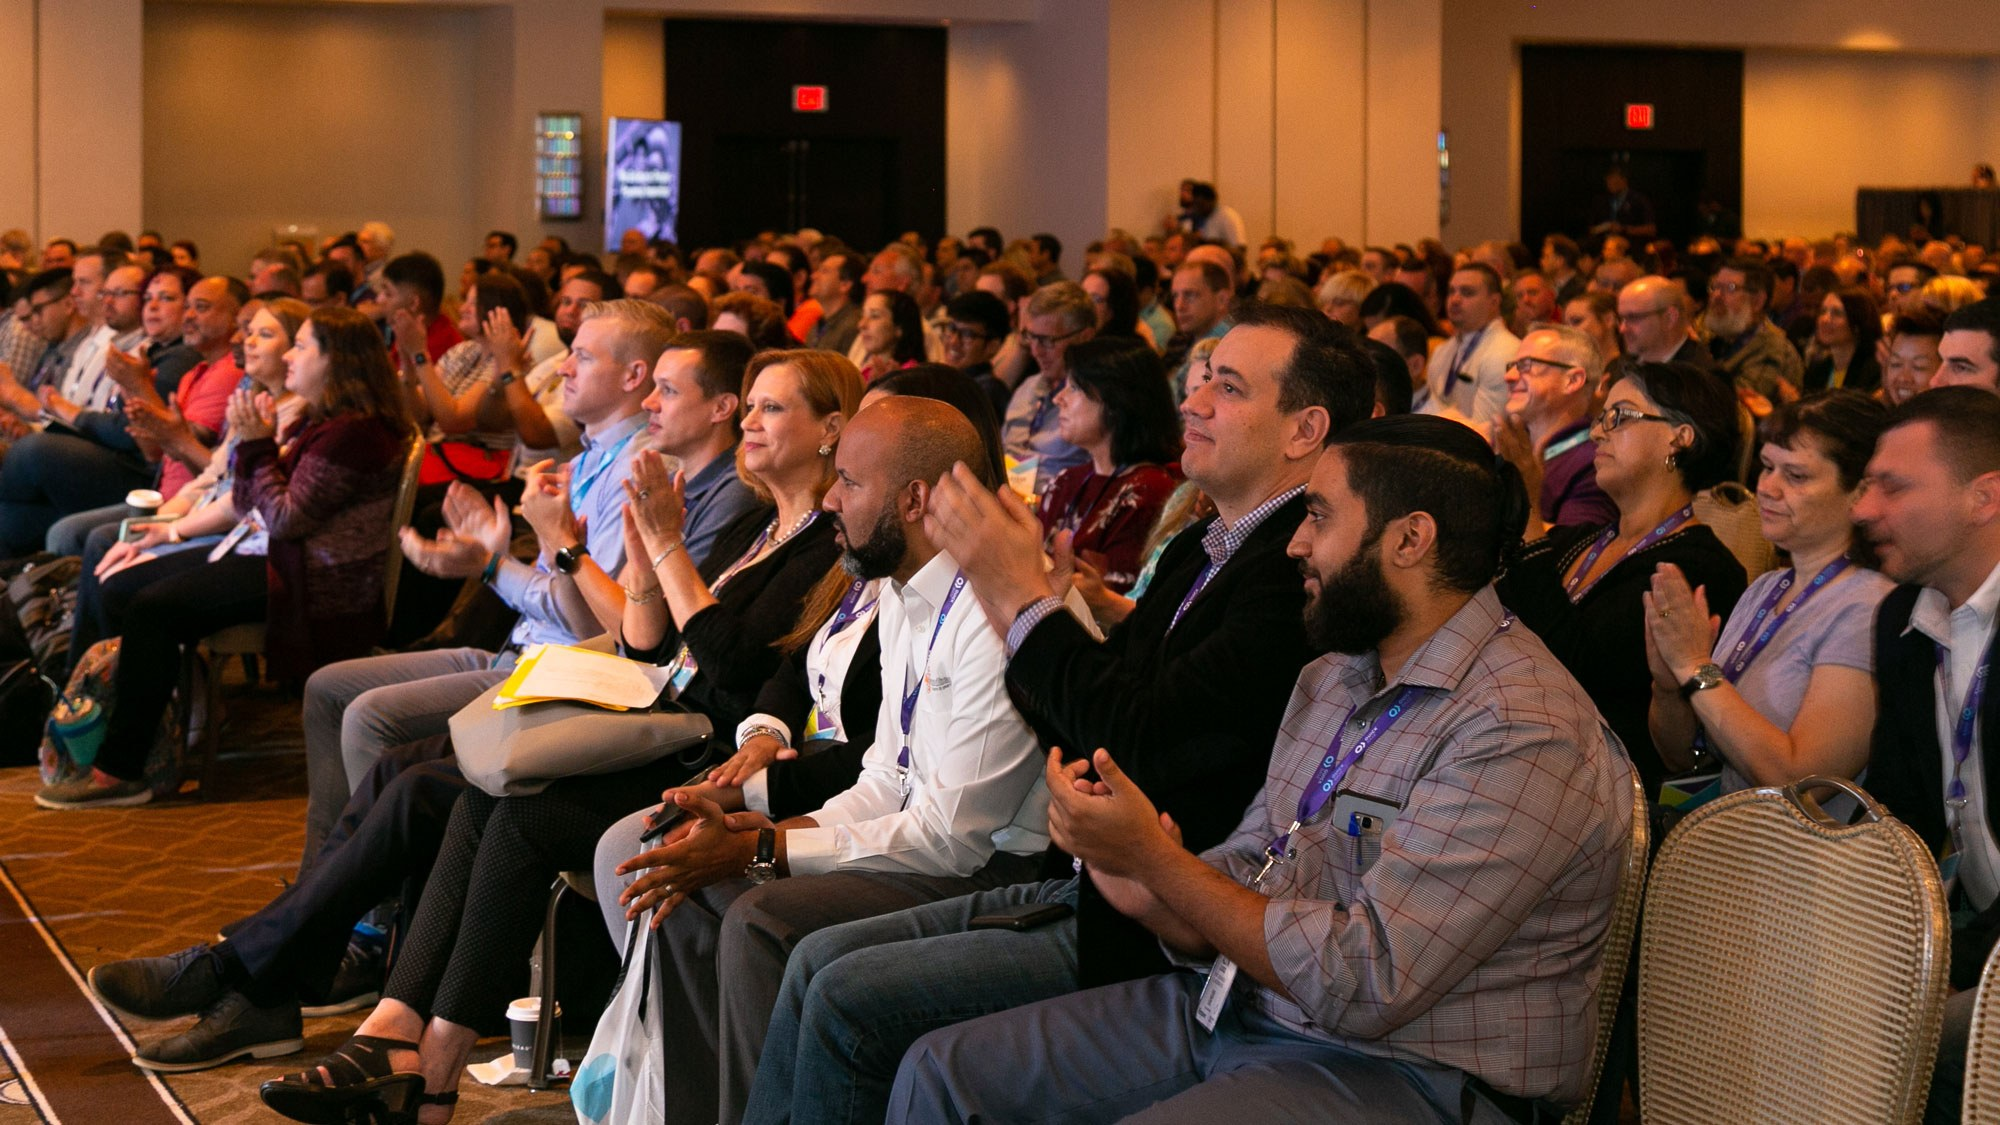 An audience applauds a presentation.